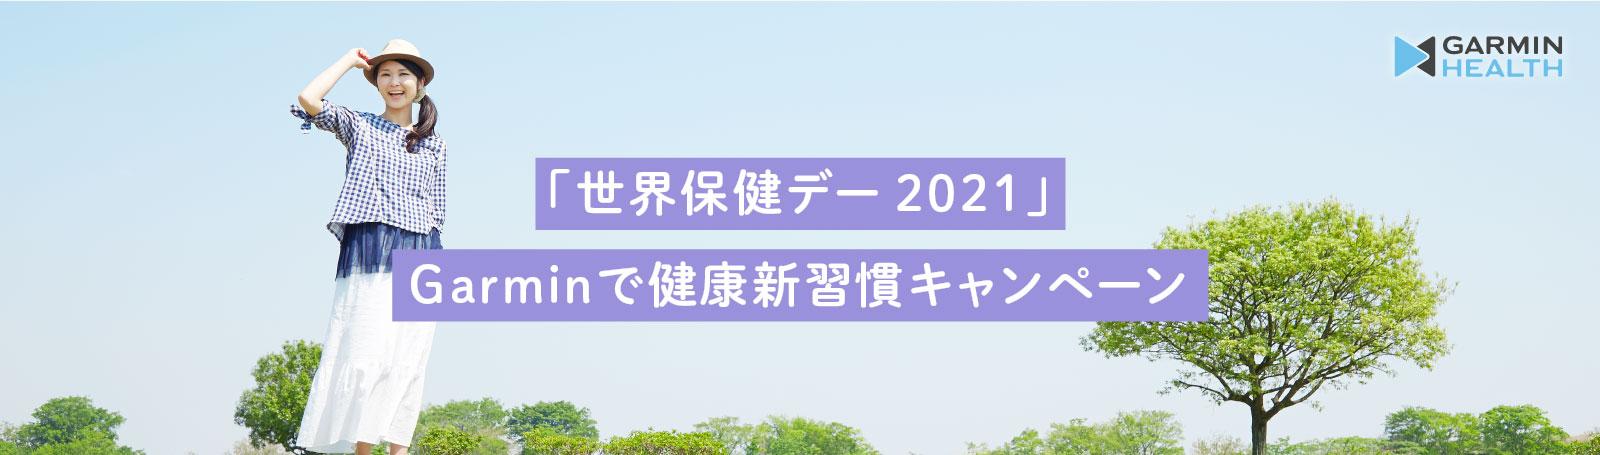 「世界保健デー2021」 Garminで健康新習慣 キャンペーン